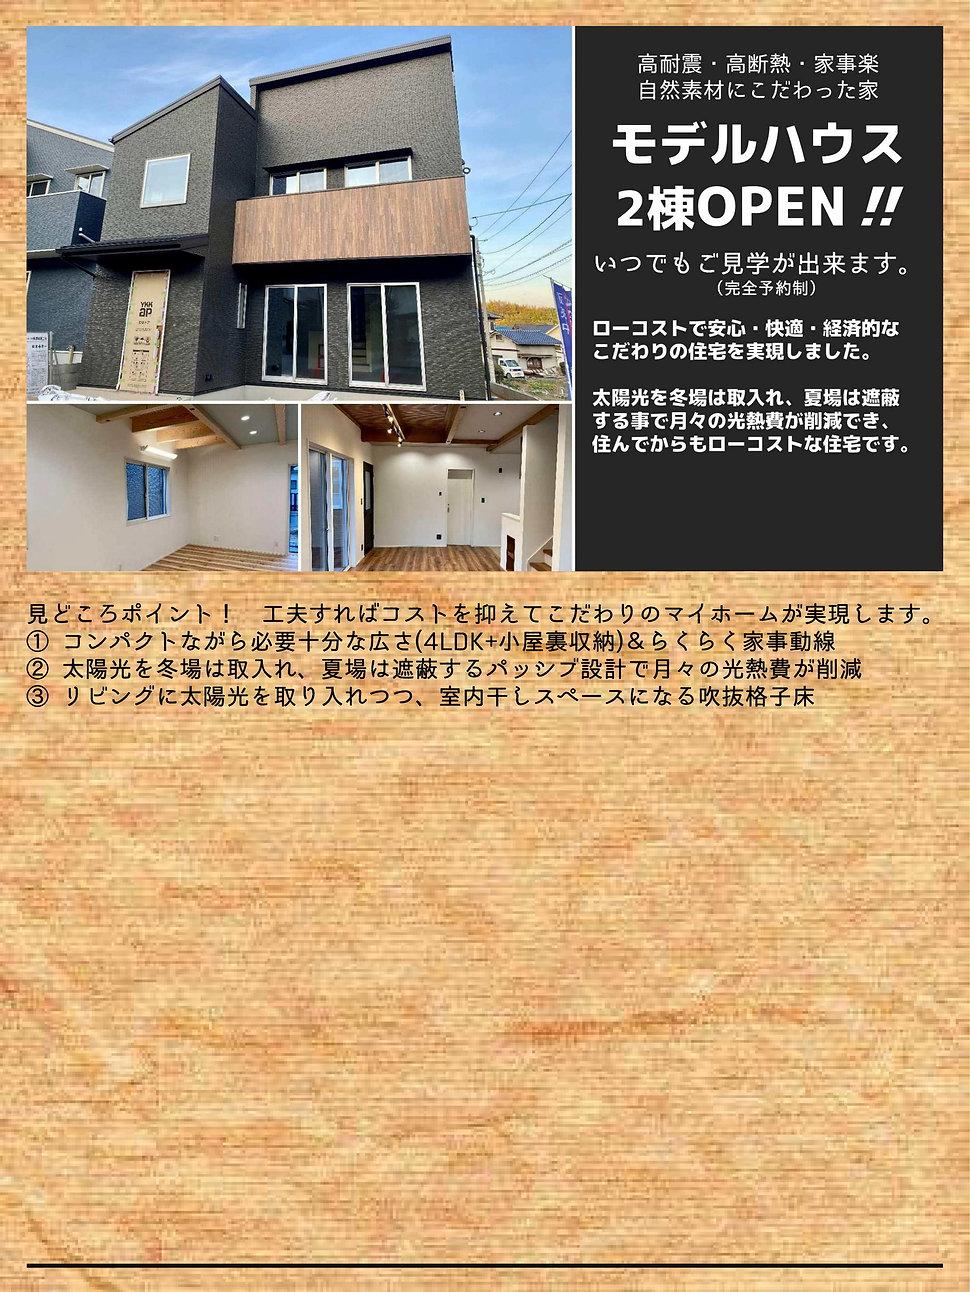 地御前北モデルハウス_P01.jpg